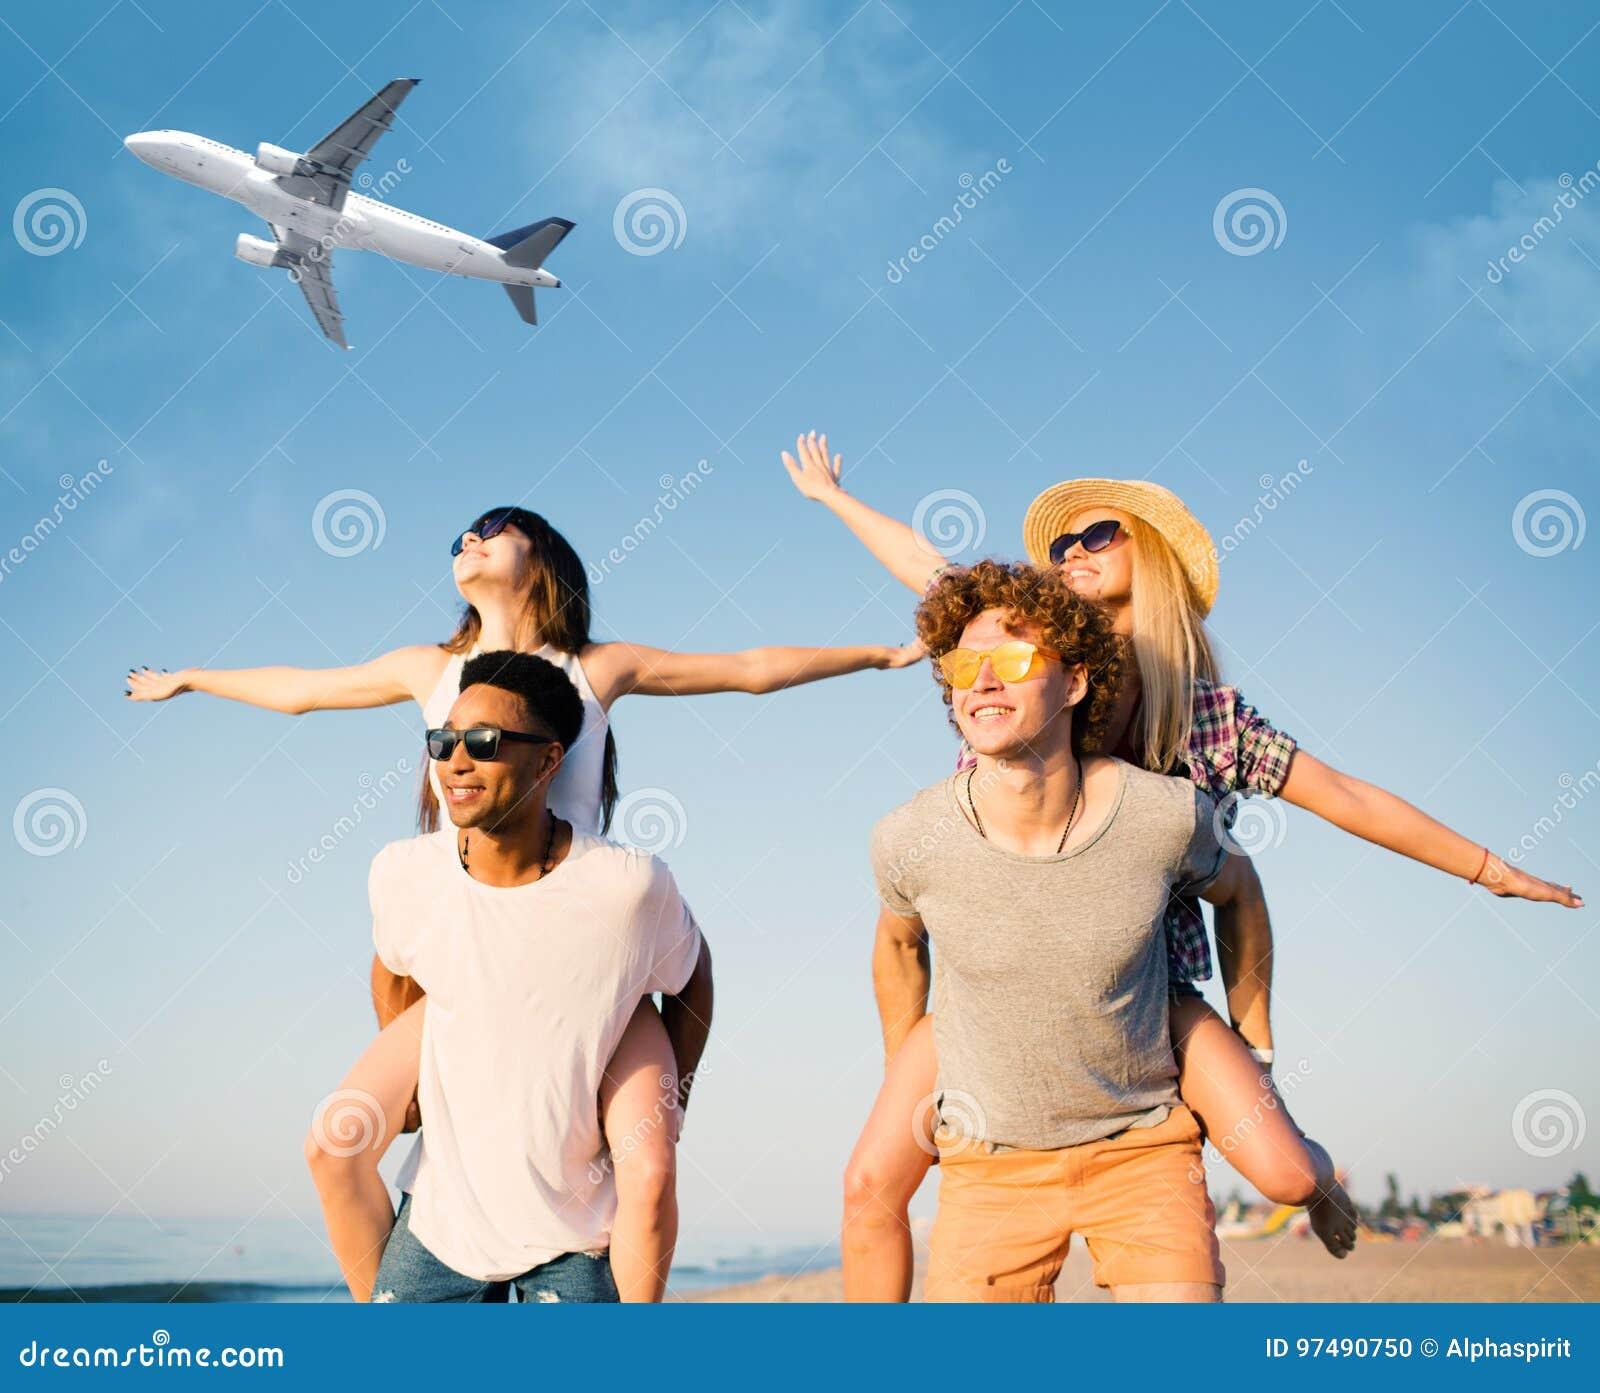 Sorridere felice accoppia il gioco alla spiaggia con gli aerei nel cielo